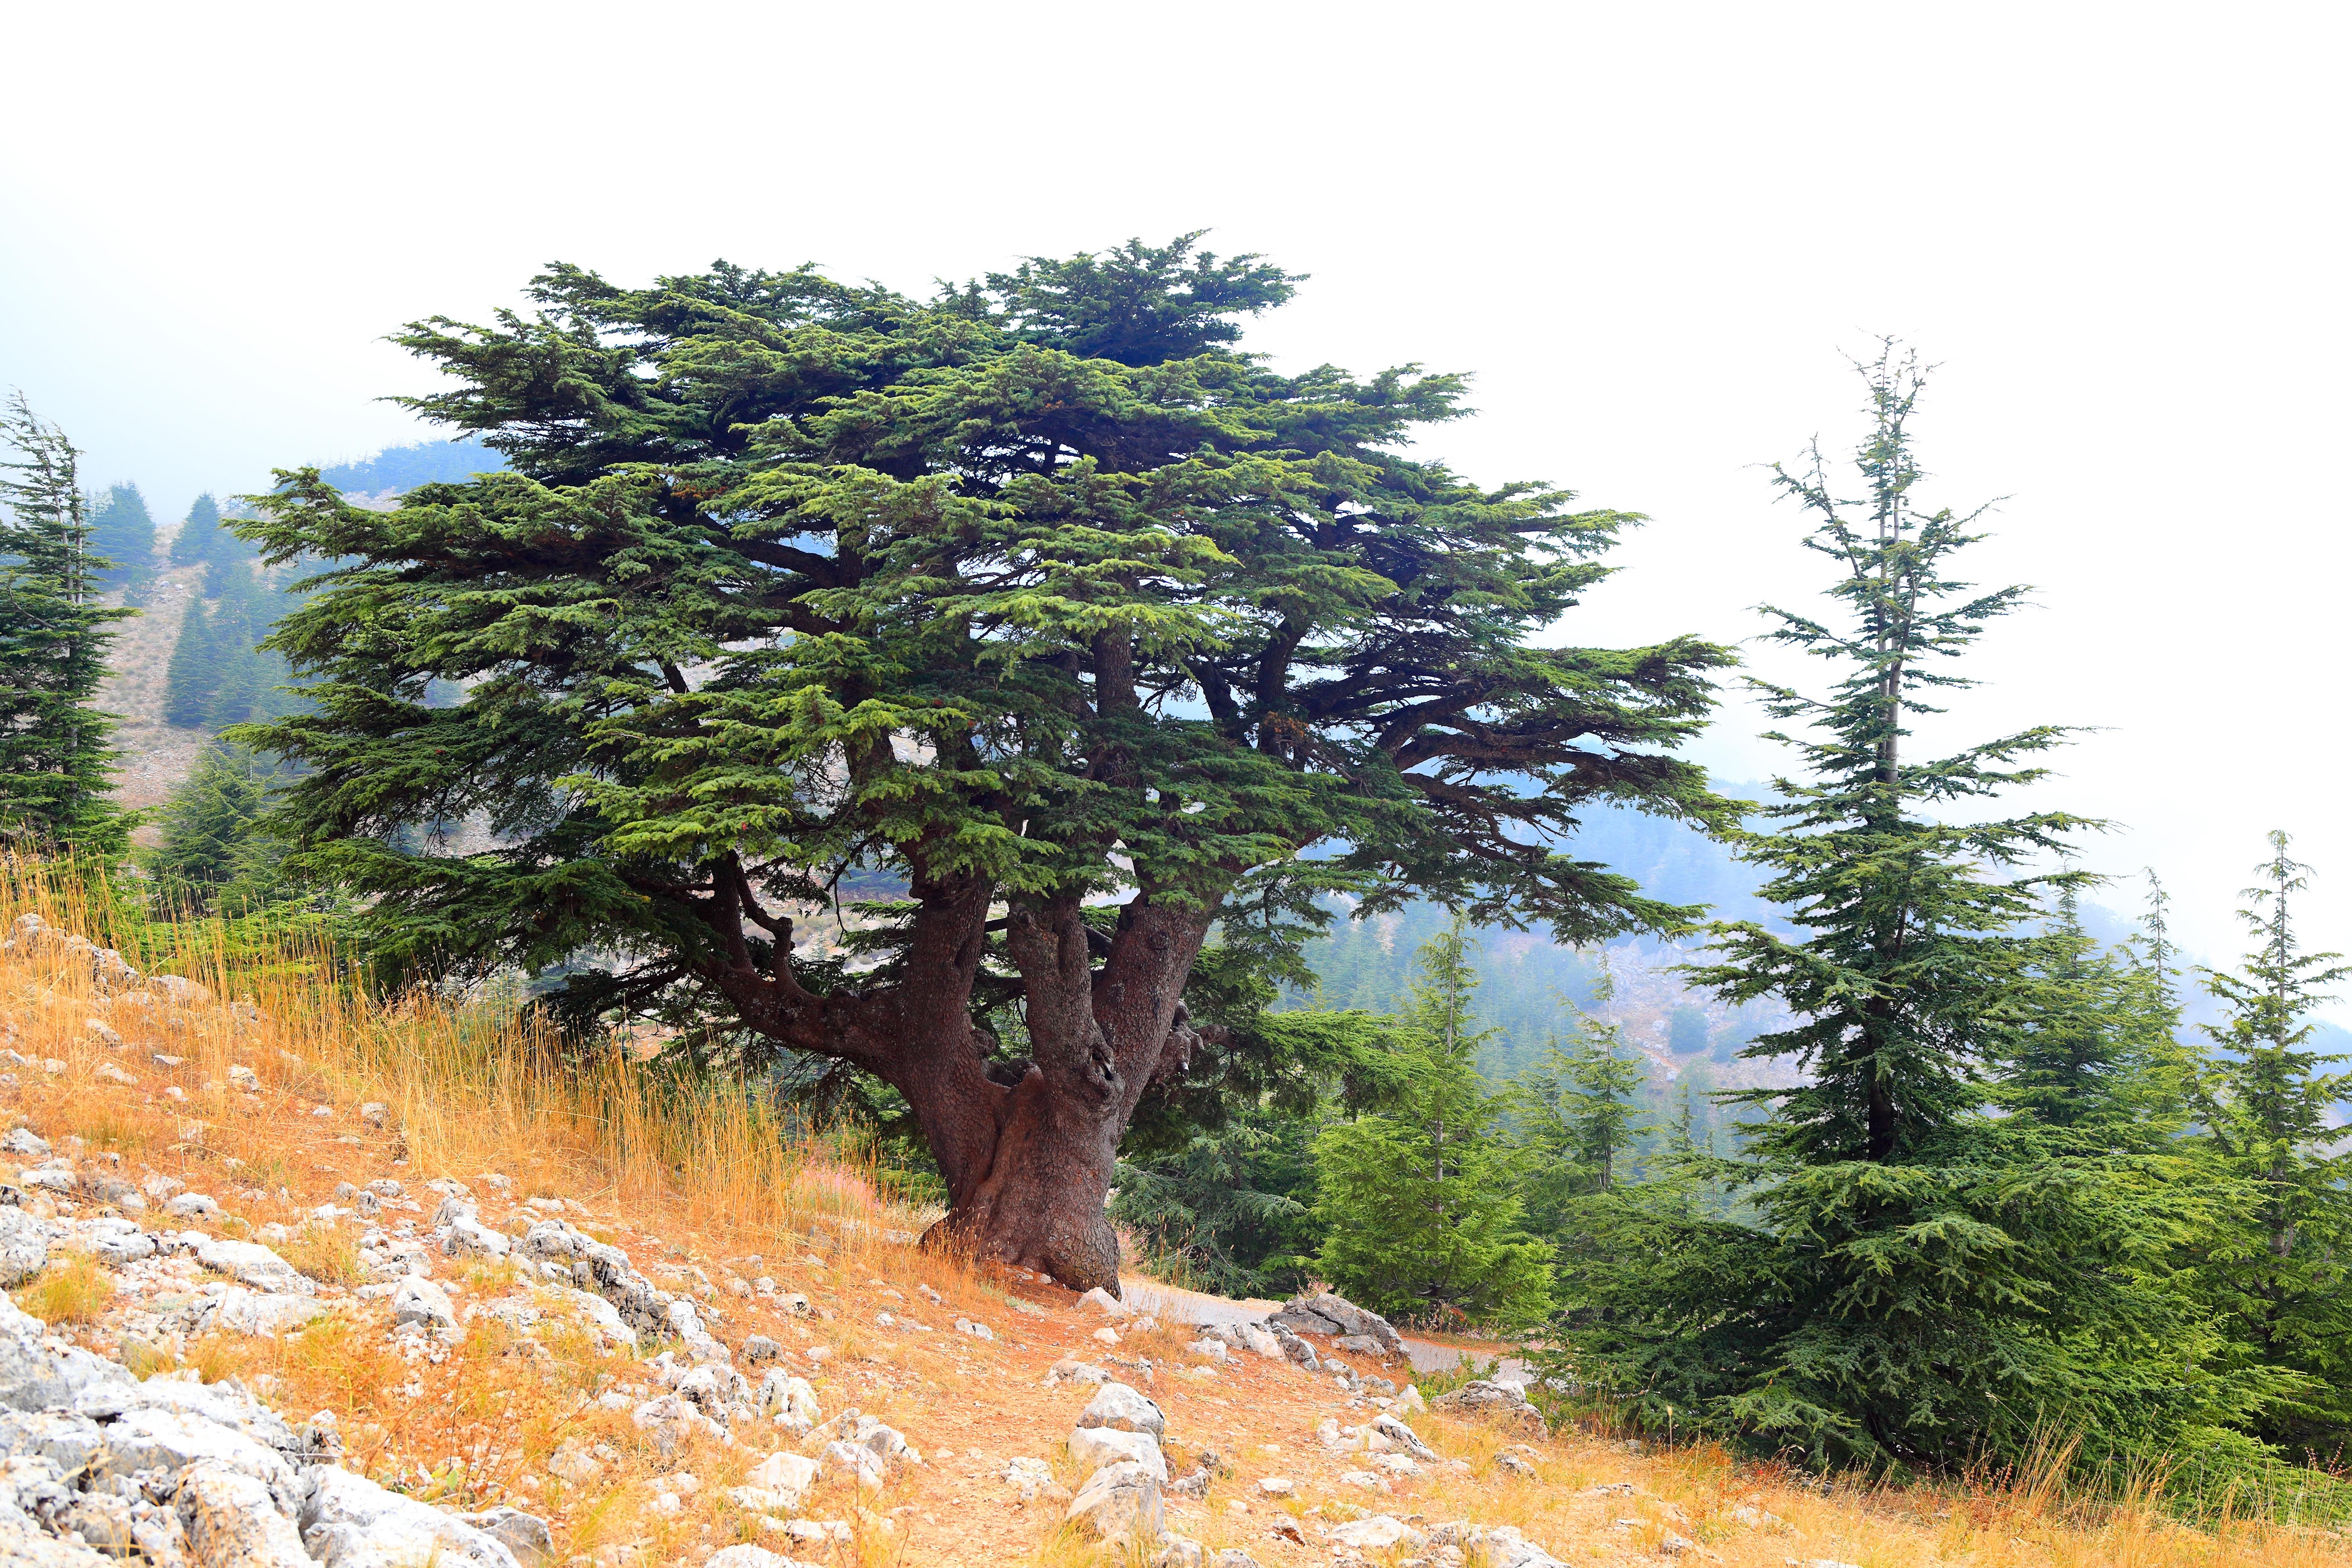 Libanon Zeder: